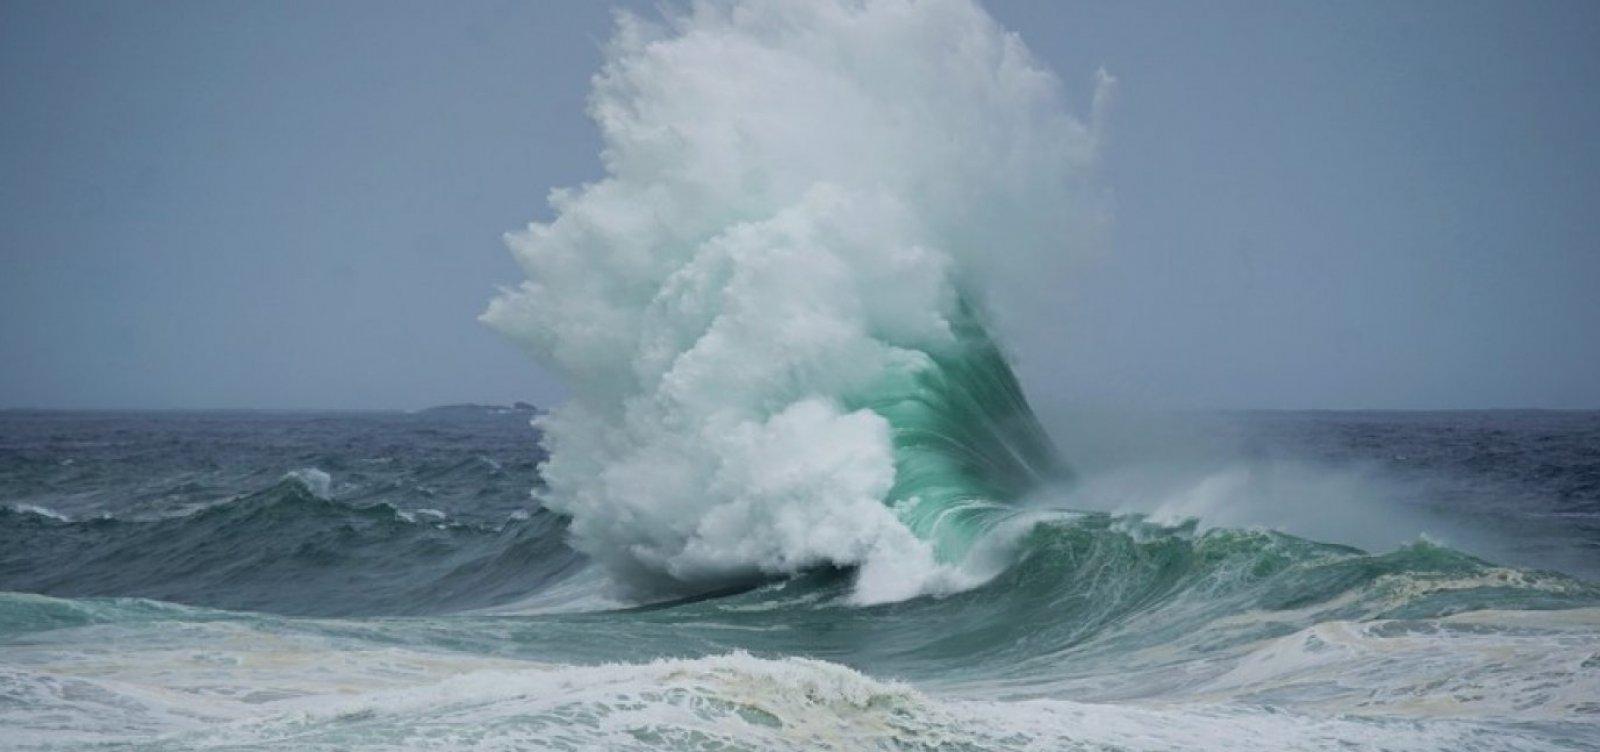 Marinha emite alerta de mau tempo com chance de ressaca e ondas de até 3,5 metros